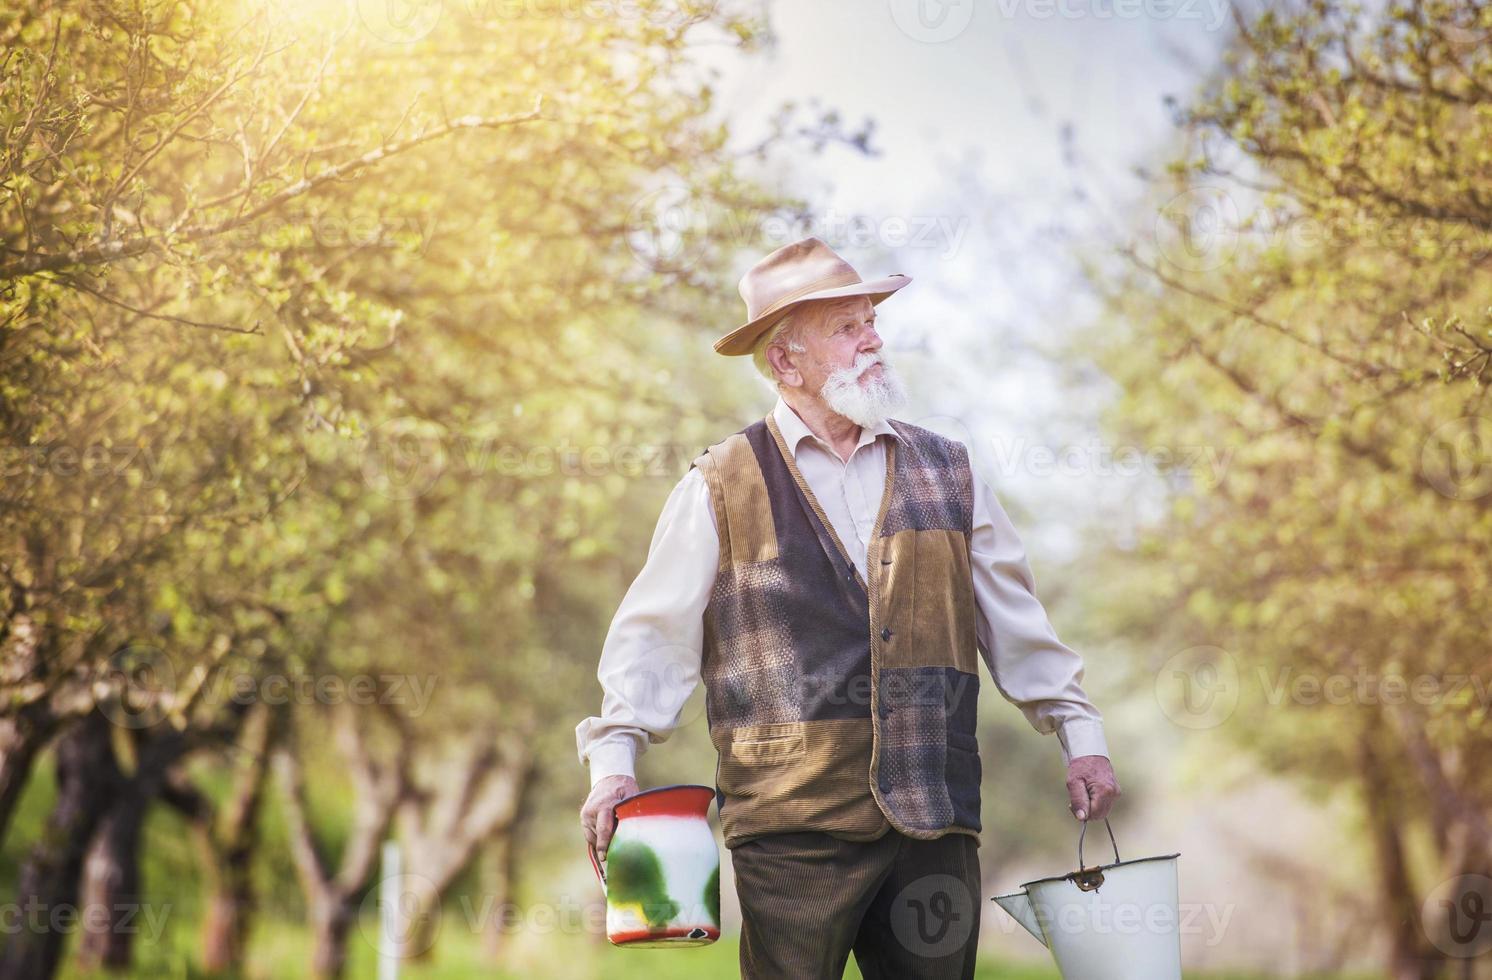 granjero con botellas de leche foto